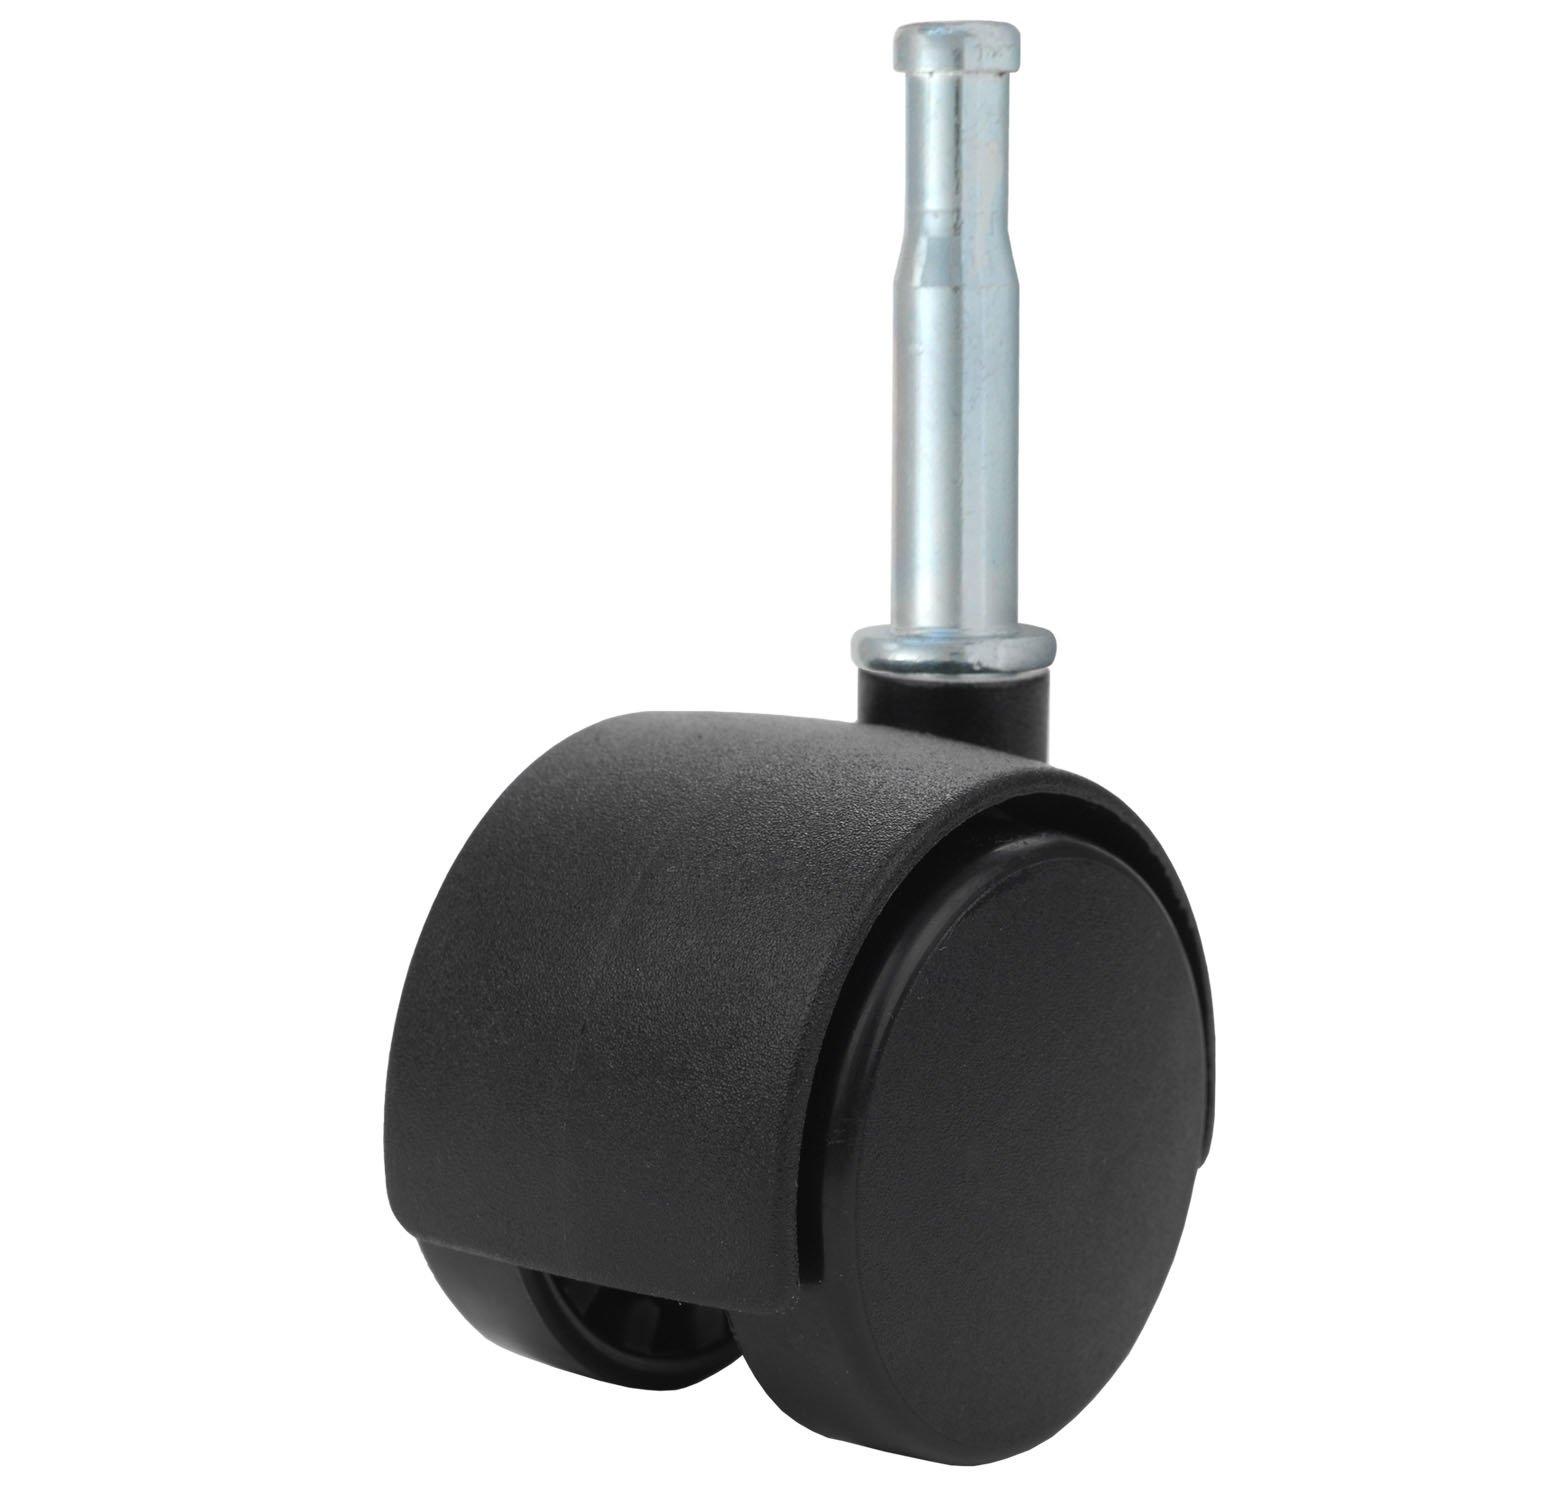 """Twin Wheel Caster Solutions TWHN-40N-G02-BK 1.57"""" Diameter Nylon Wheel Hooded Non-Brake Caster, 5/16"""" Diameter x 1-1/2"""" Length Grip Neck Stem, 67 lb Capacity Range"""